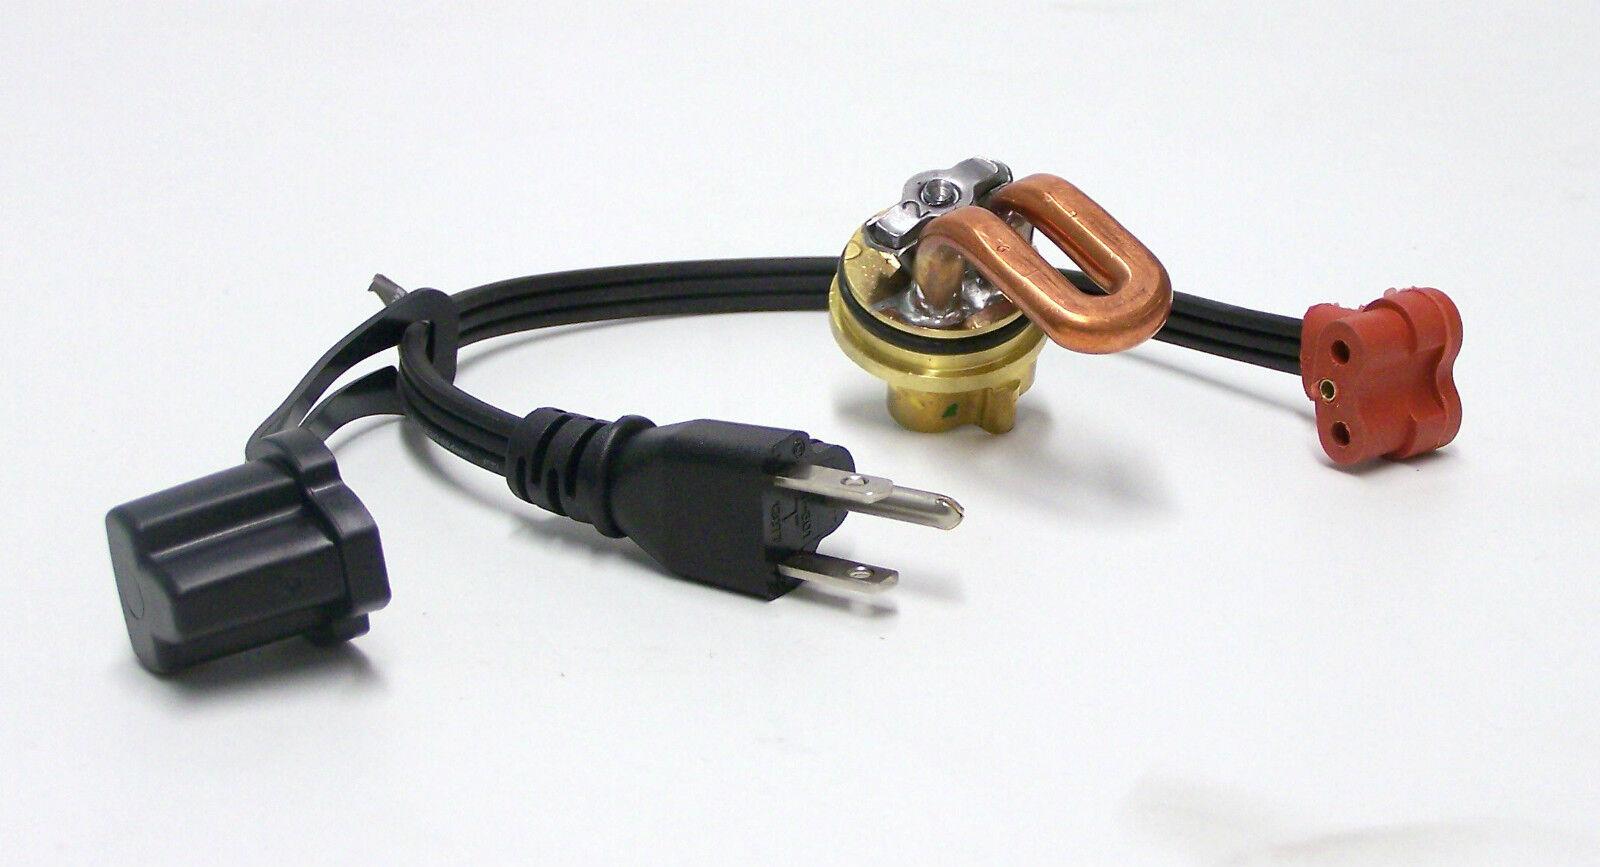 KF//KK 4 cyl. KR 4 cyl. 400w Engine Heater fits Perkins 104.19 104.22